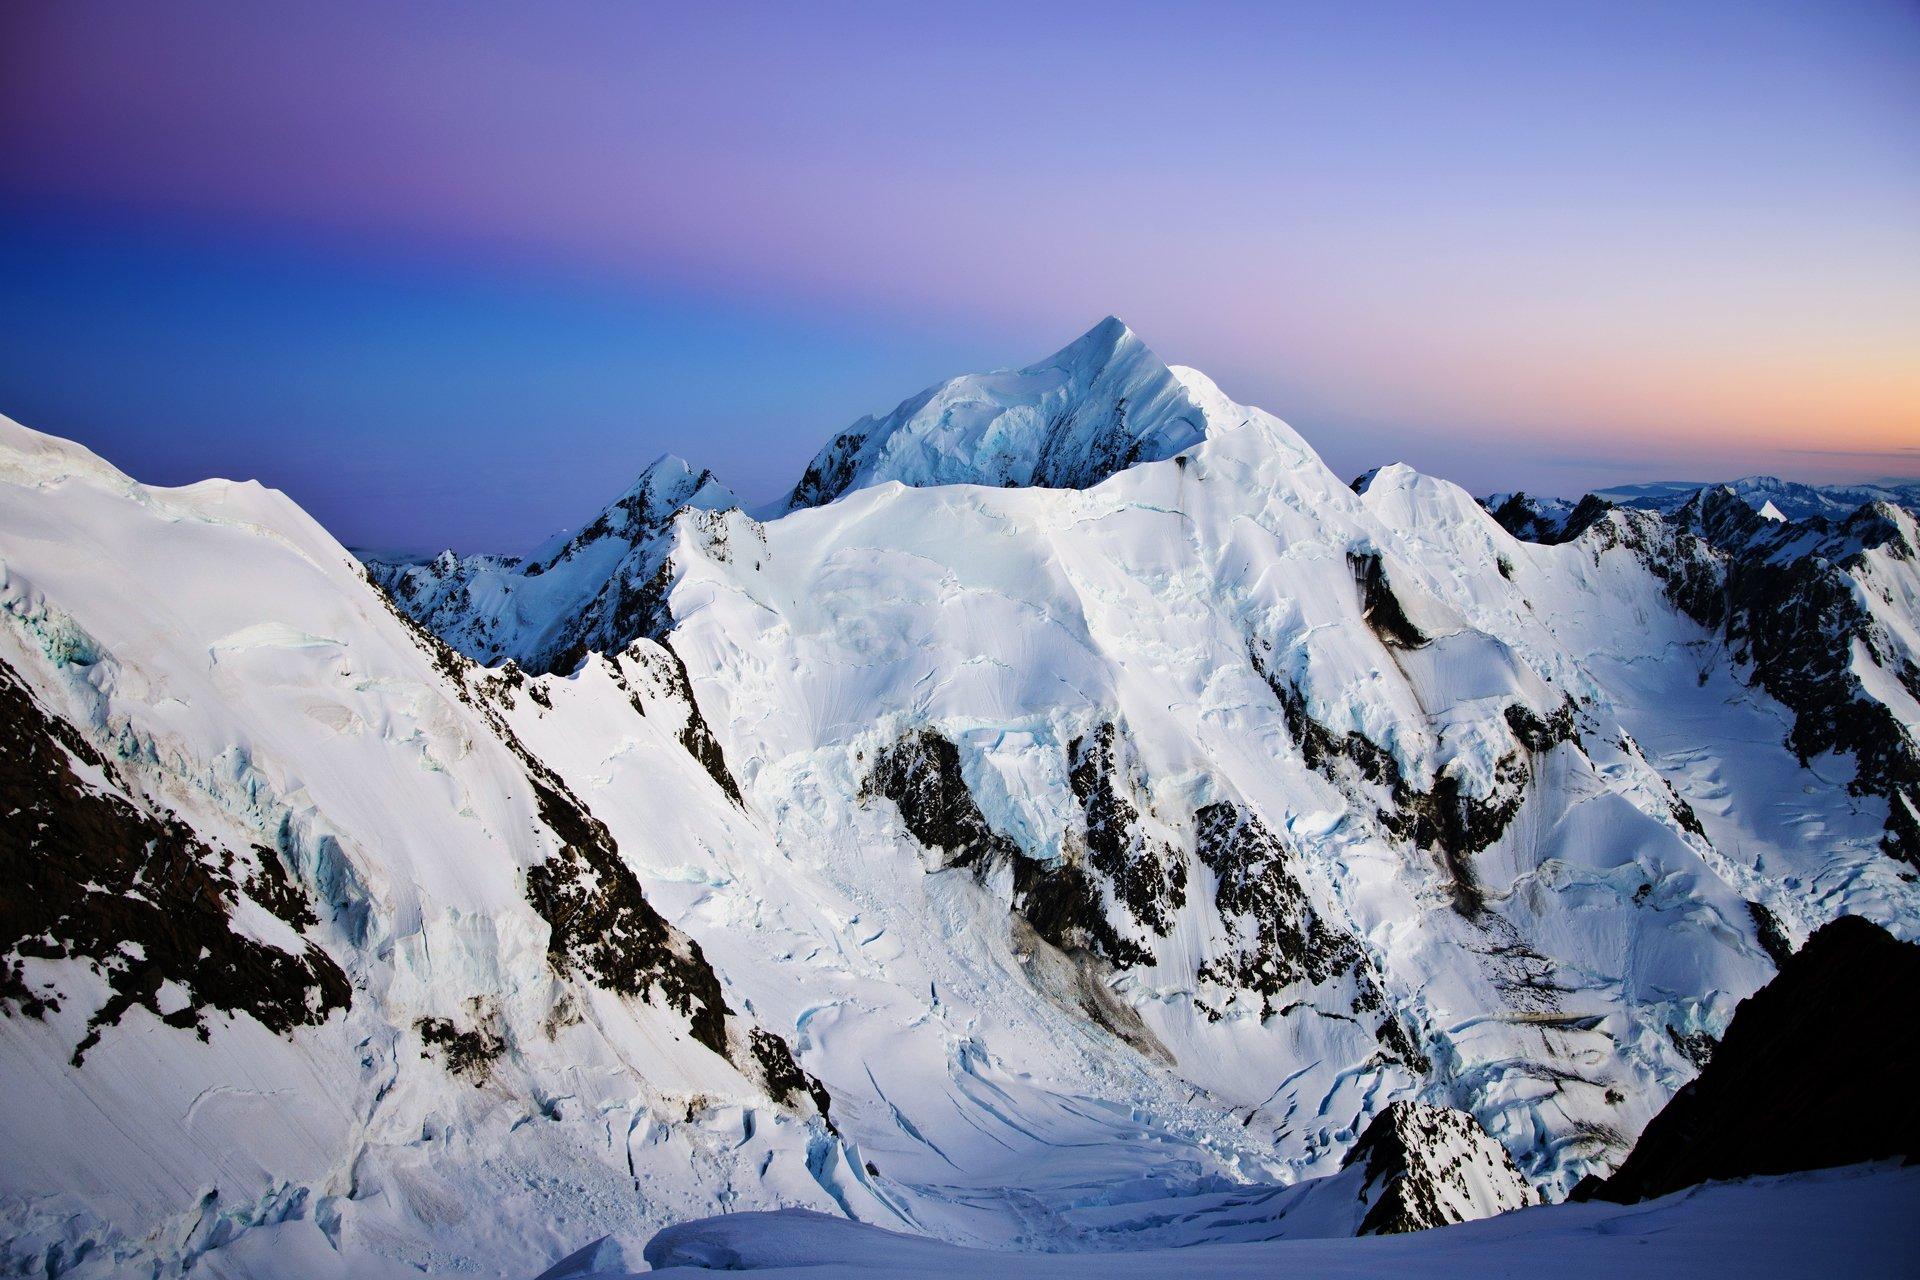 картинки горные снежные вершины эти помощники